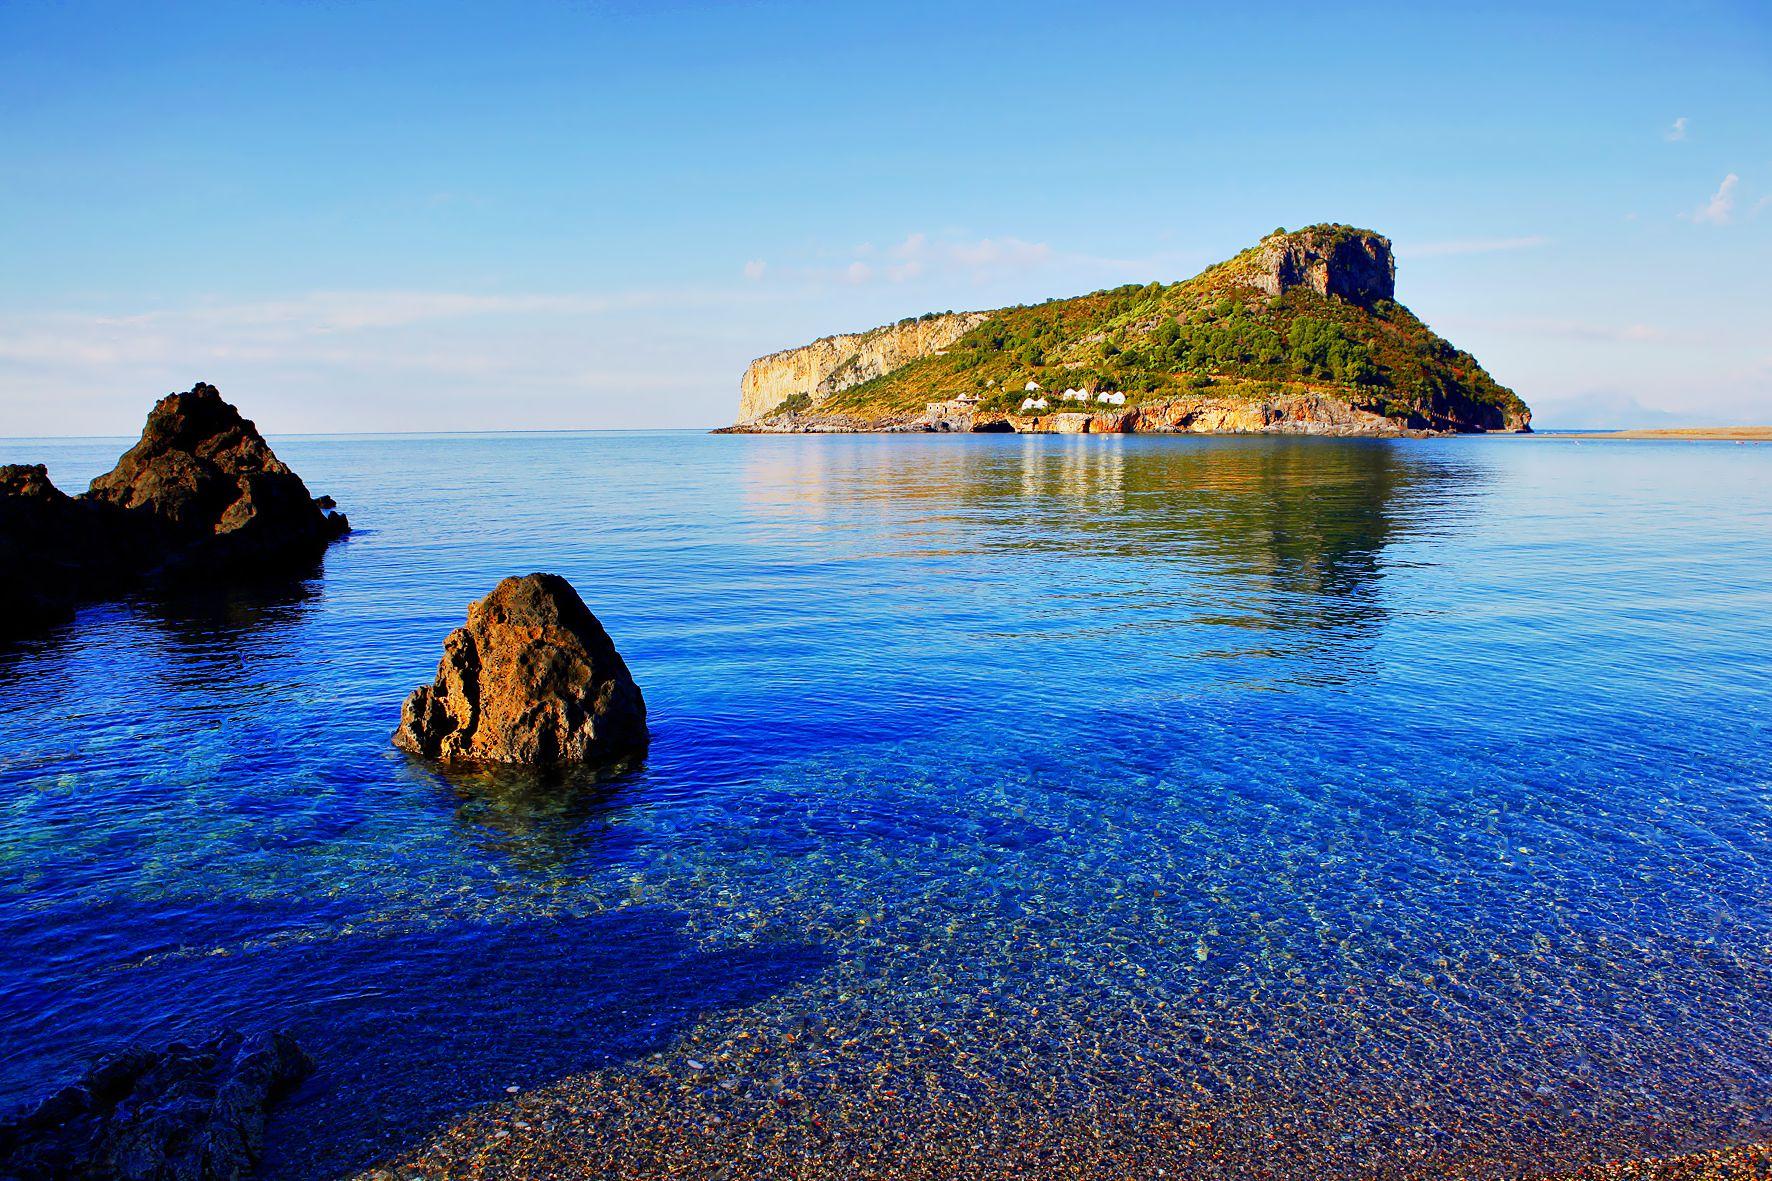 Spiaggia Praia a Mare - Isola di Dino - Calabria